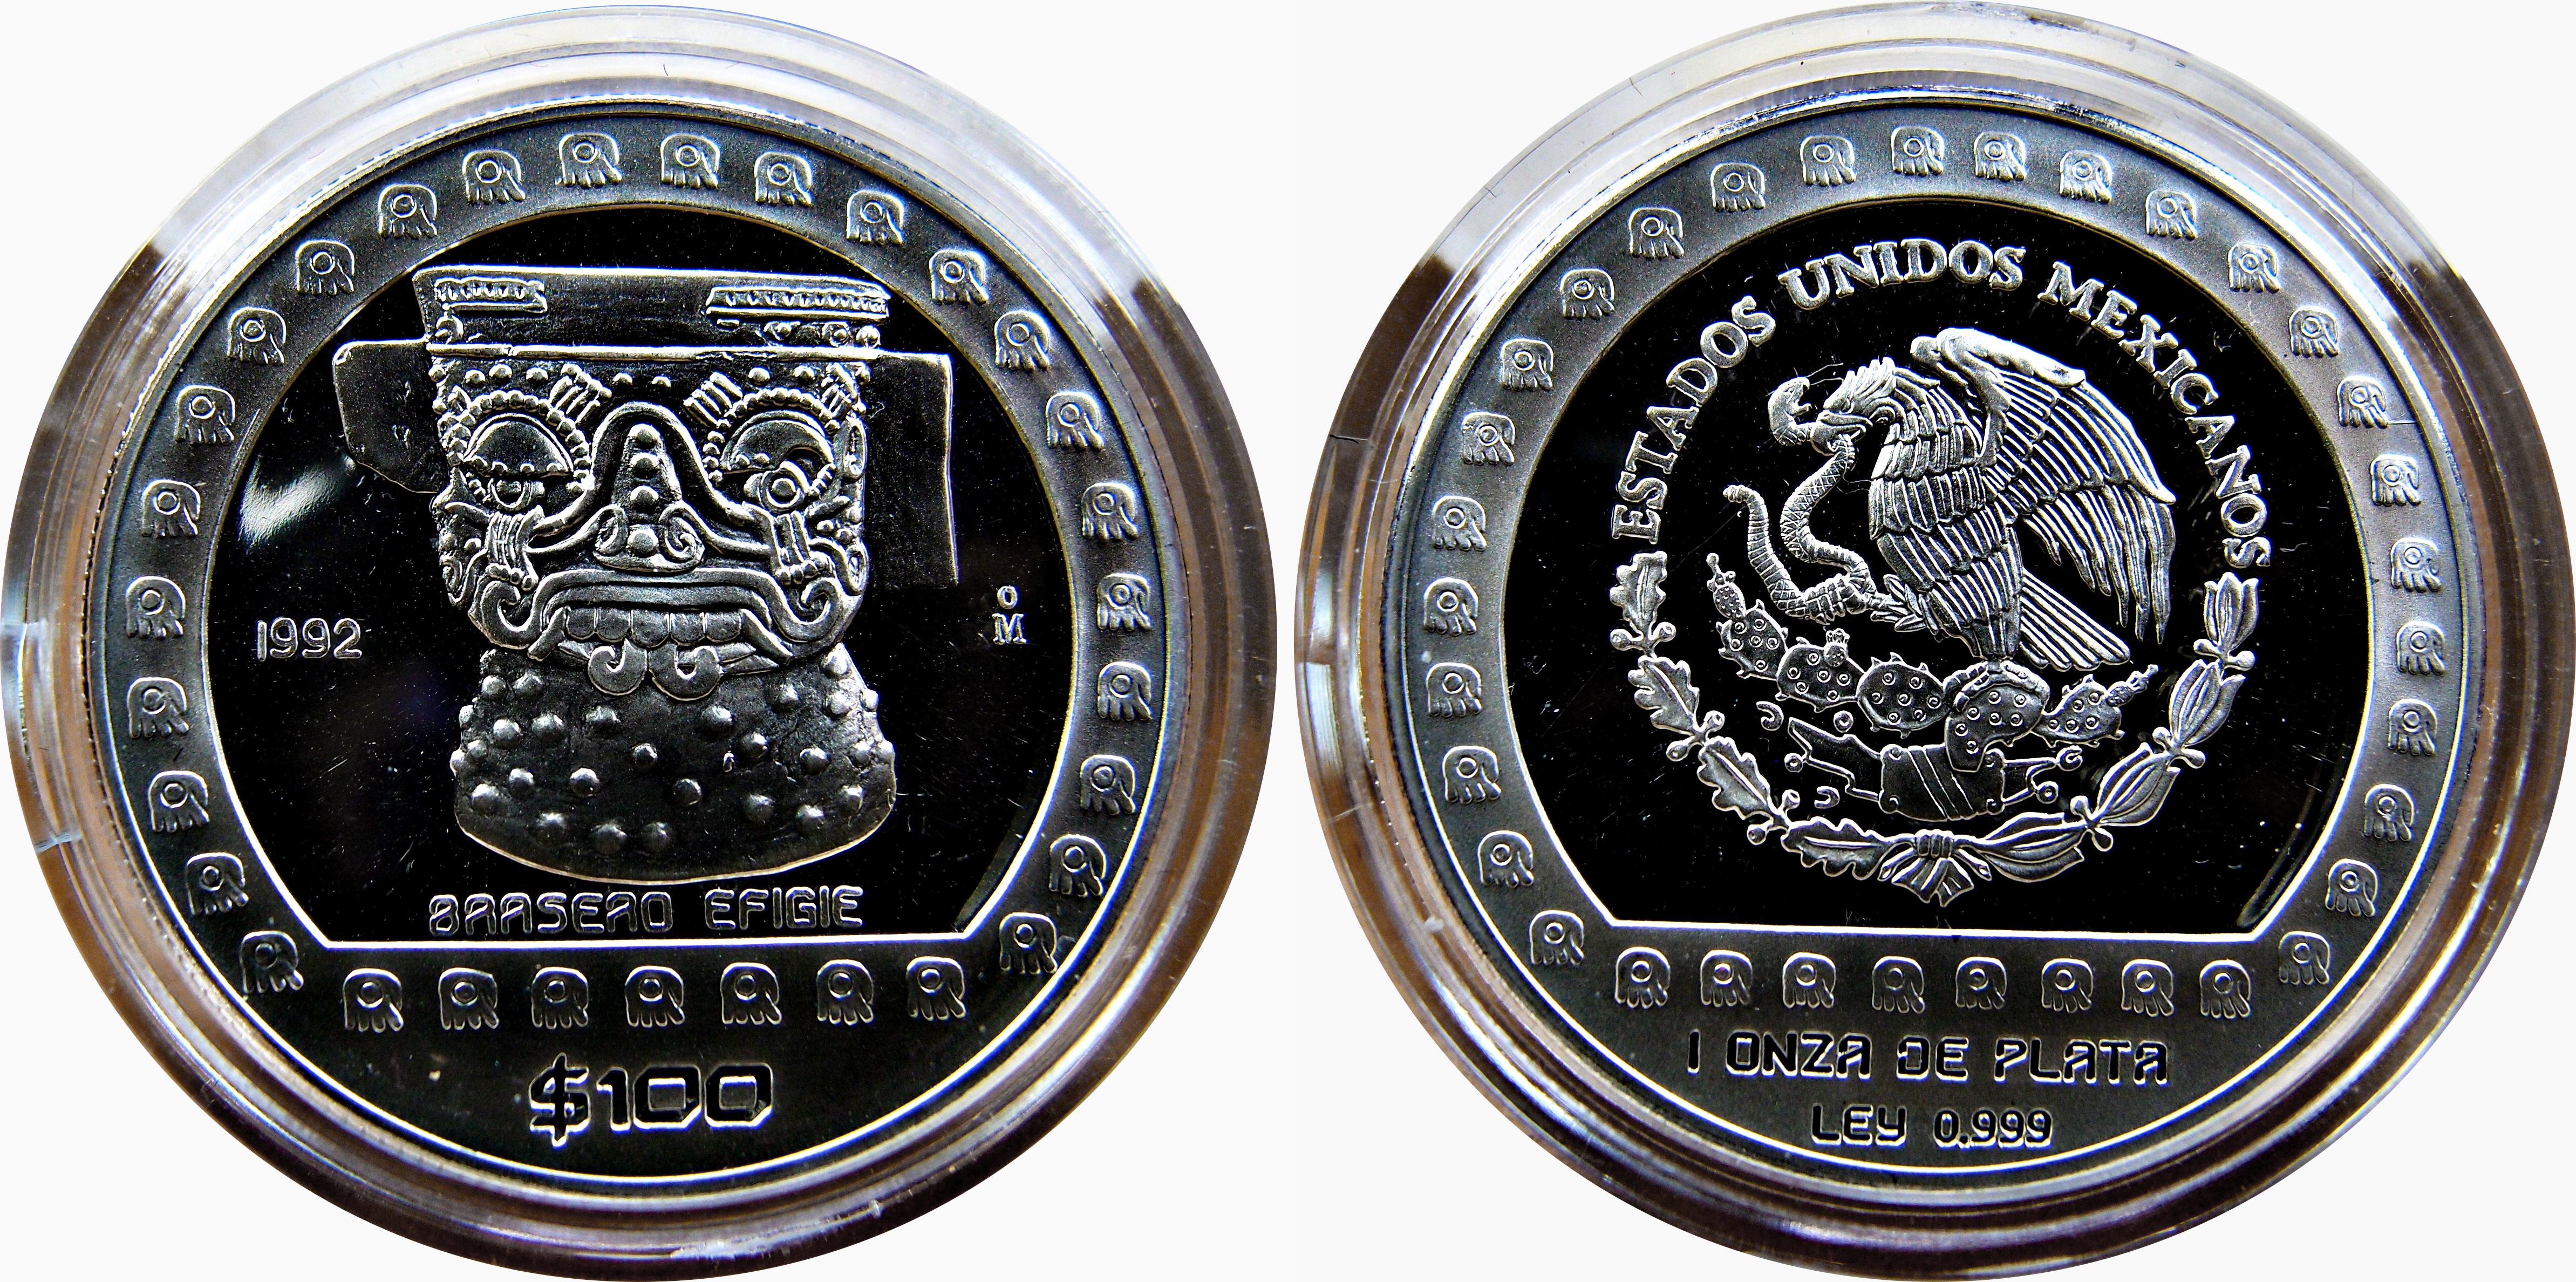 Colección Precolombina de onzas de plata del Banco de Mexico 12123701934_f1a16b416a_o